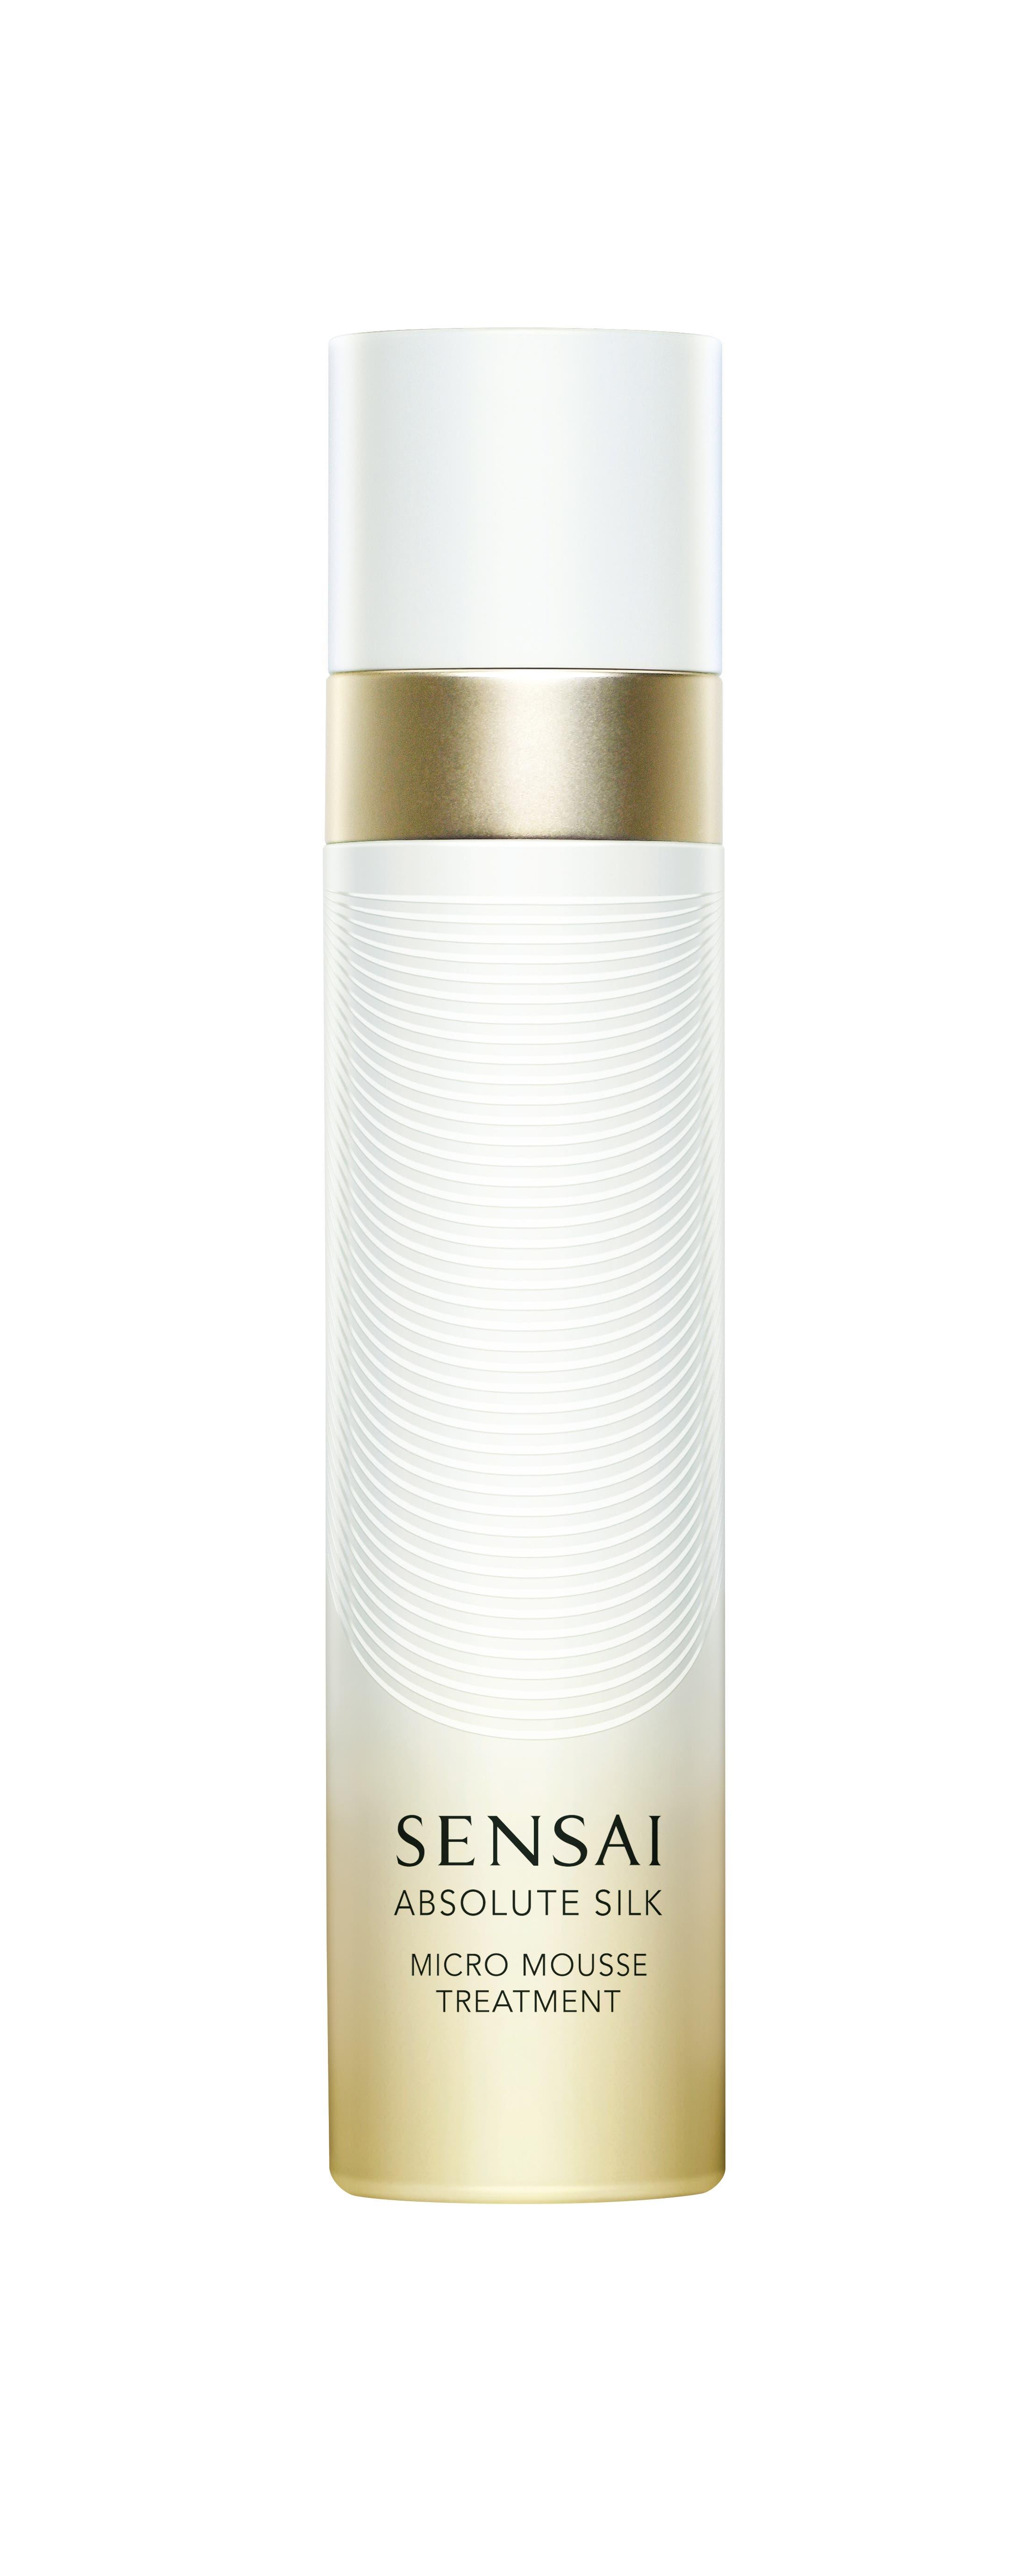 Lässt den Teint leuchten: Das Micro Mousse Treatment von Sensai regeneriert, Seidenextrakt sorgt für Leuchtkraft und verhindert Feuchtigkeitsverlust. 229 Fr., z.B. bei Globus.